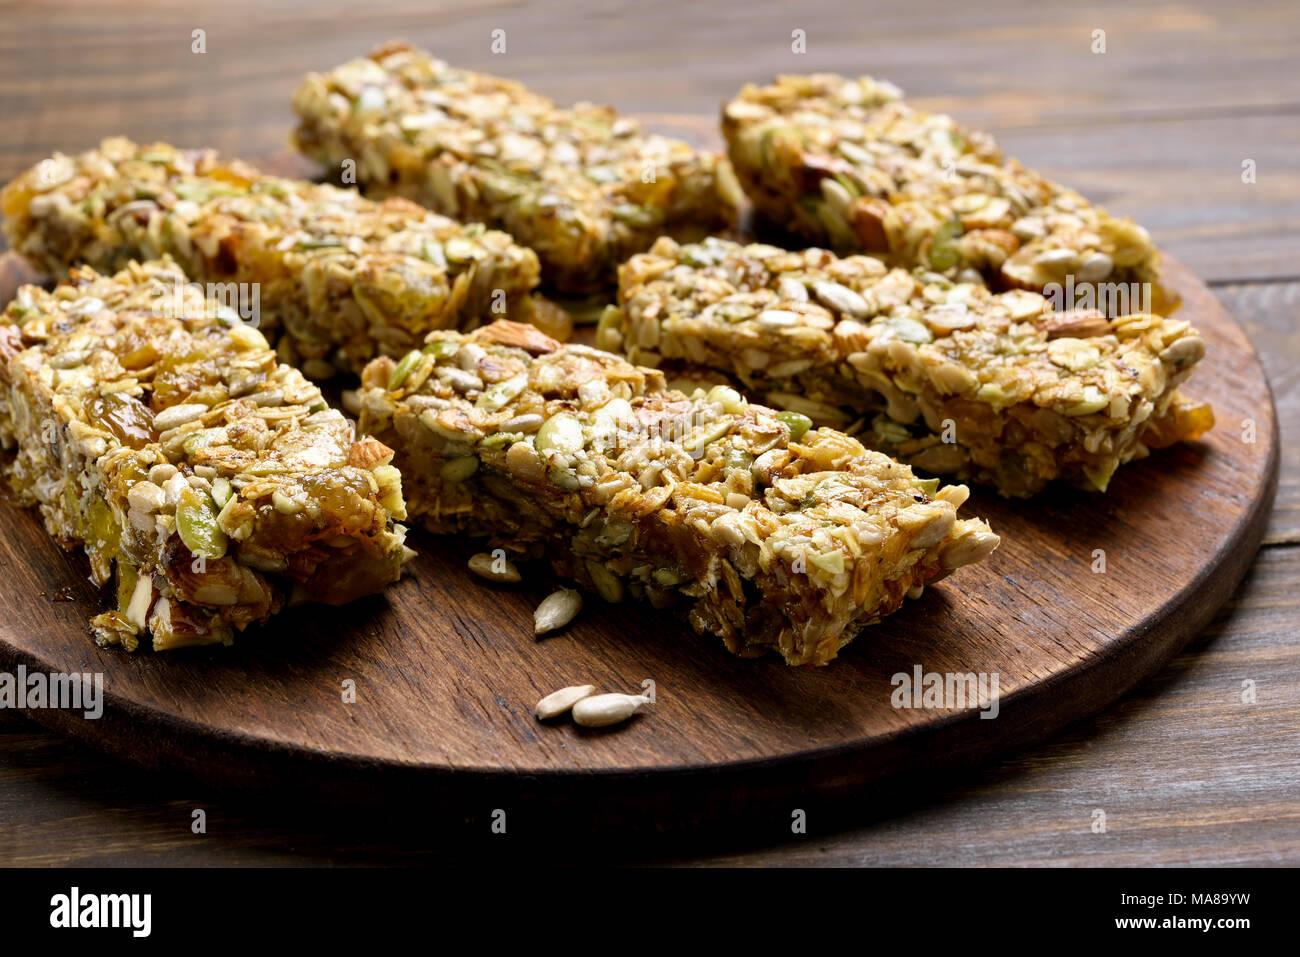 Müsliriegel. Gesunde Energie Snack auf Holzbrett. Nähe zu sehen. Stockbild